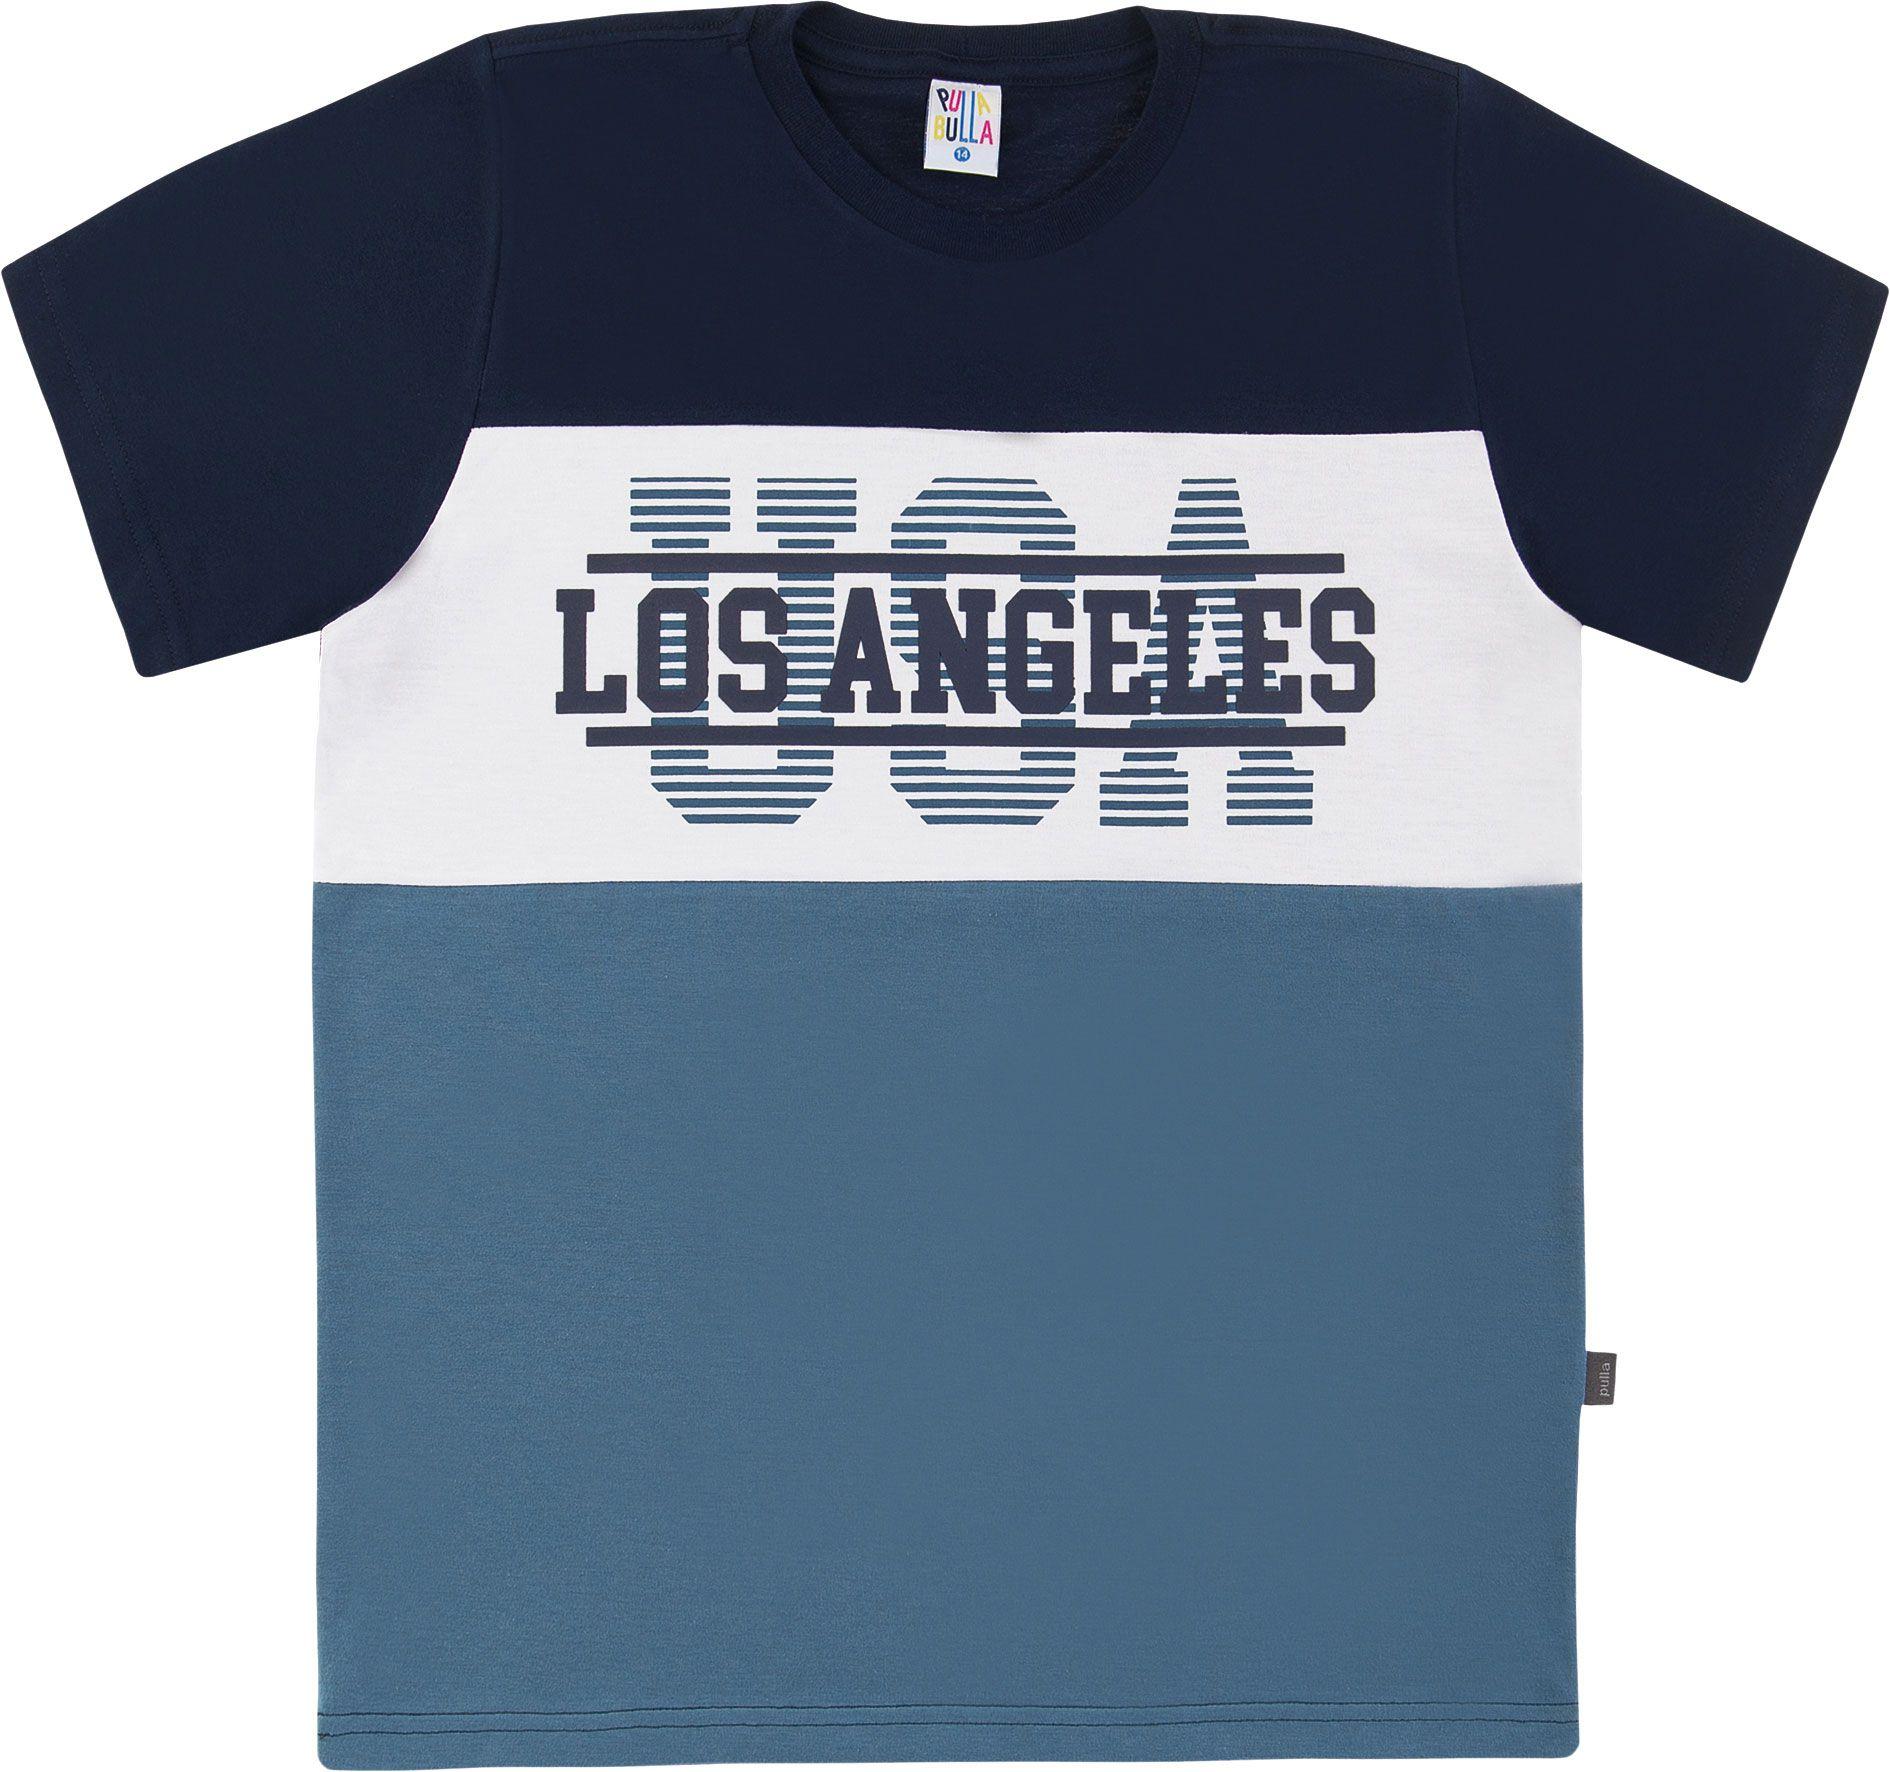 Camiseta Pulla Bulla Los Angeles Marinho